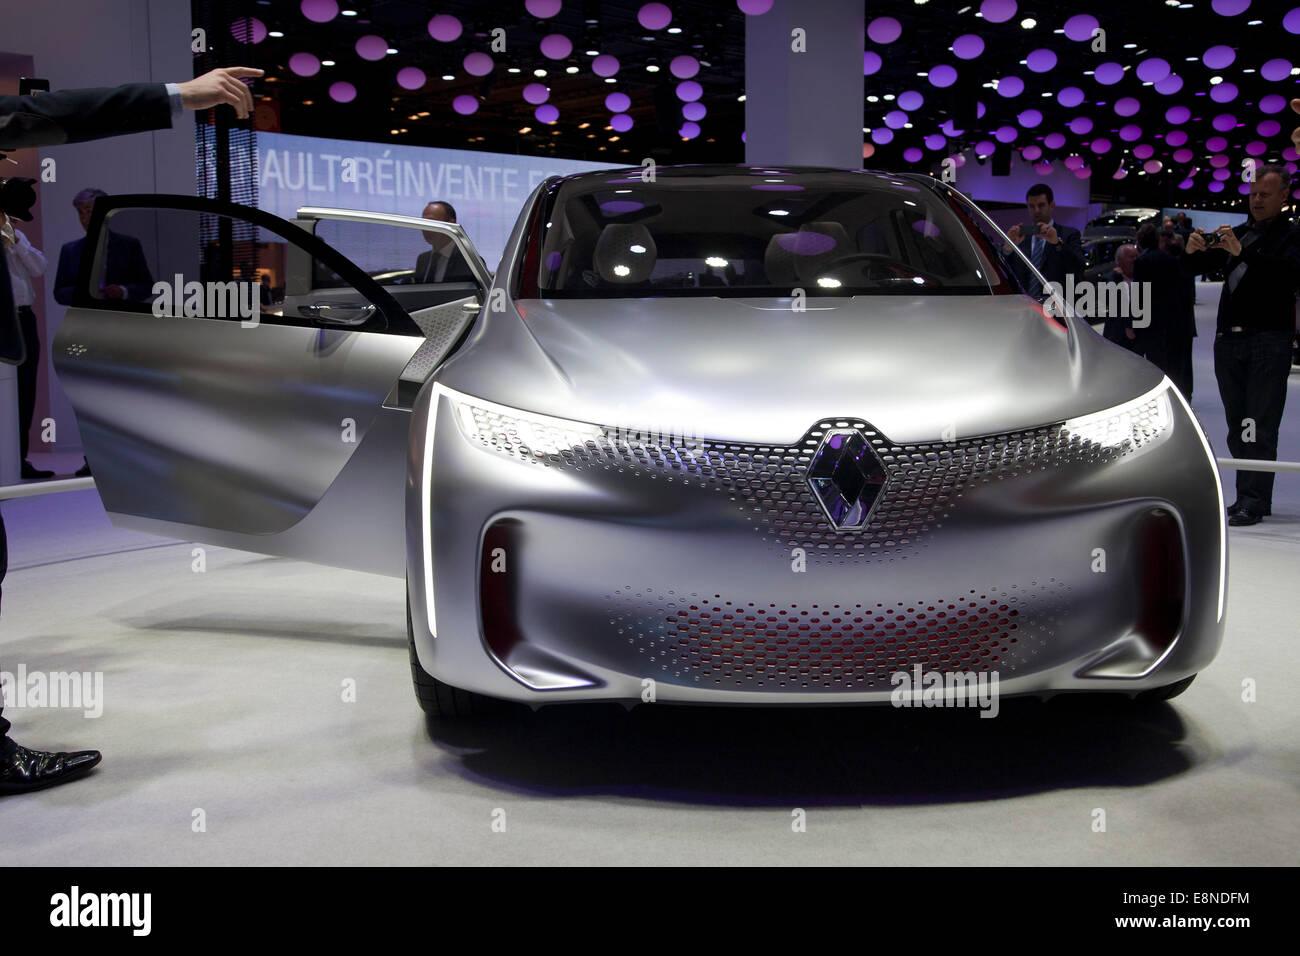 L'Eolab Renault véhicule électrique plug-in Paris Motor Show Mondial de l'automobile 2014 Photo Stock